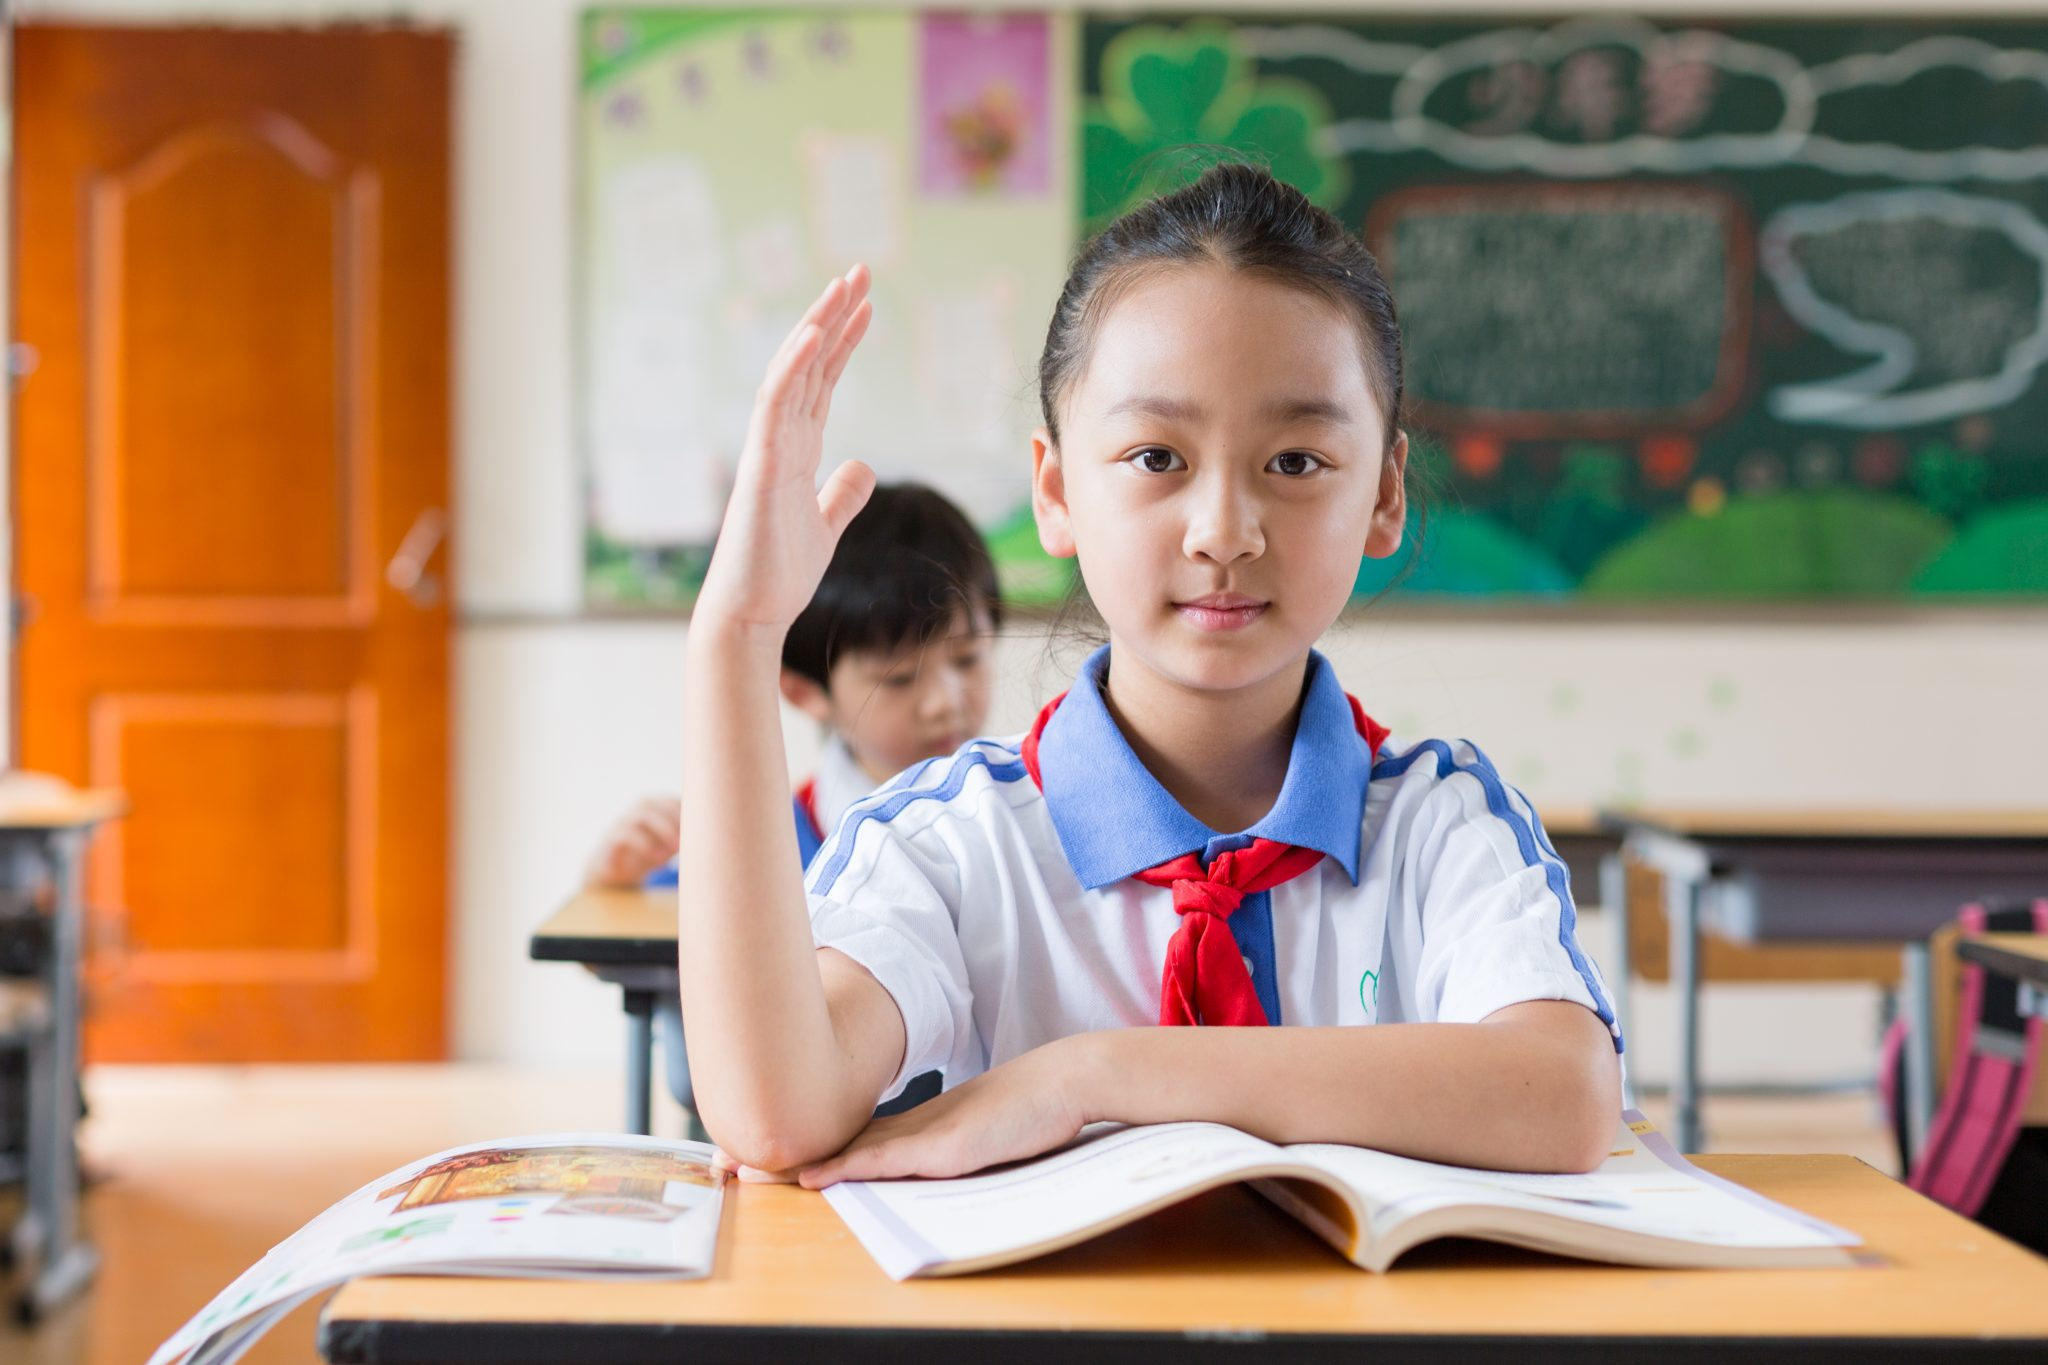 ESL Teacher in China, ESL Teacher in China: Part 2, SDE Seadragon Education